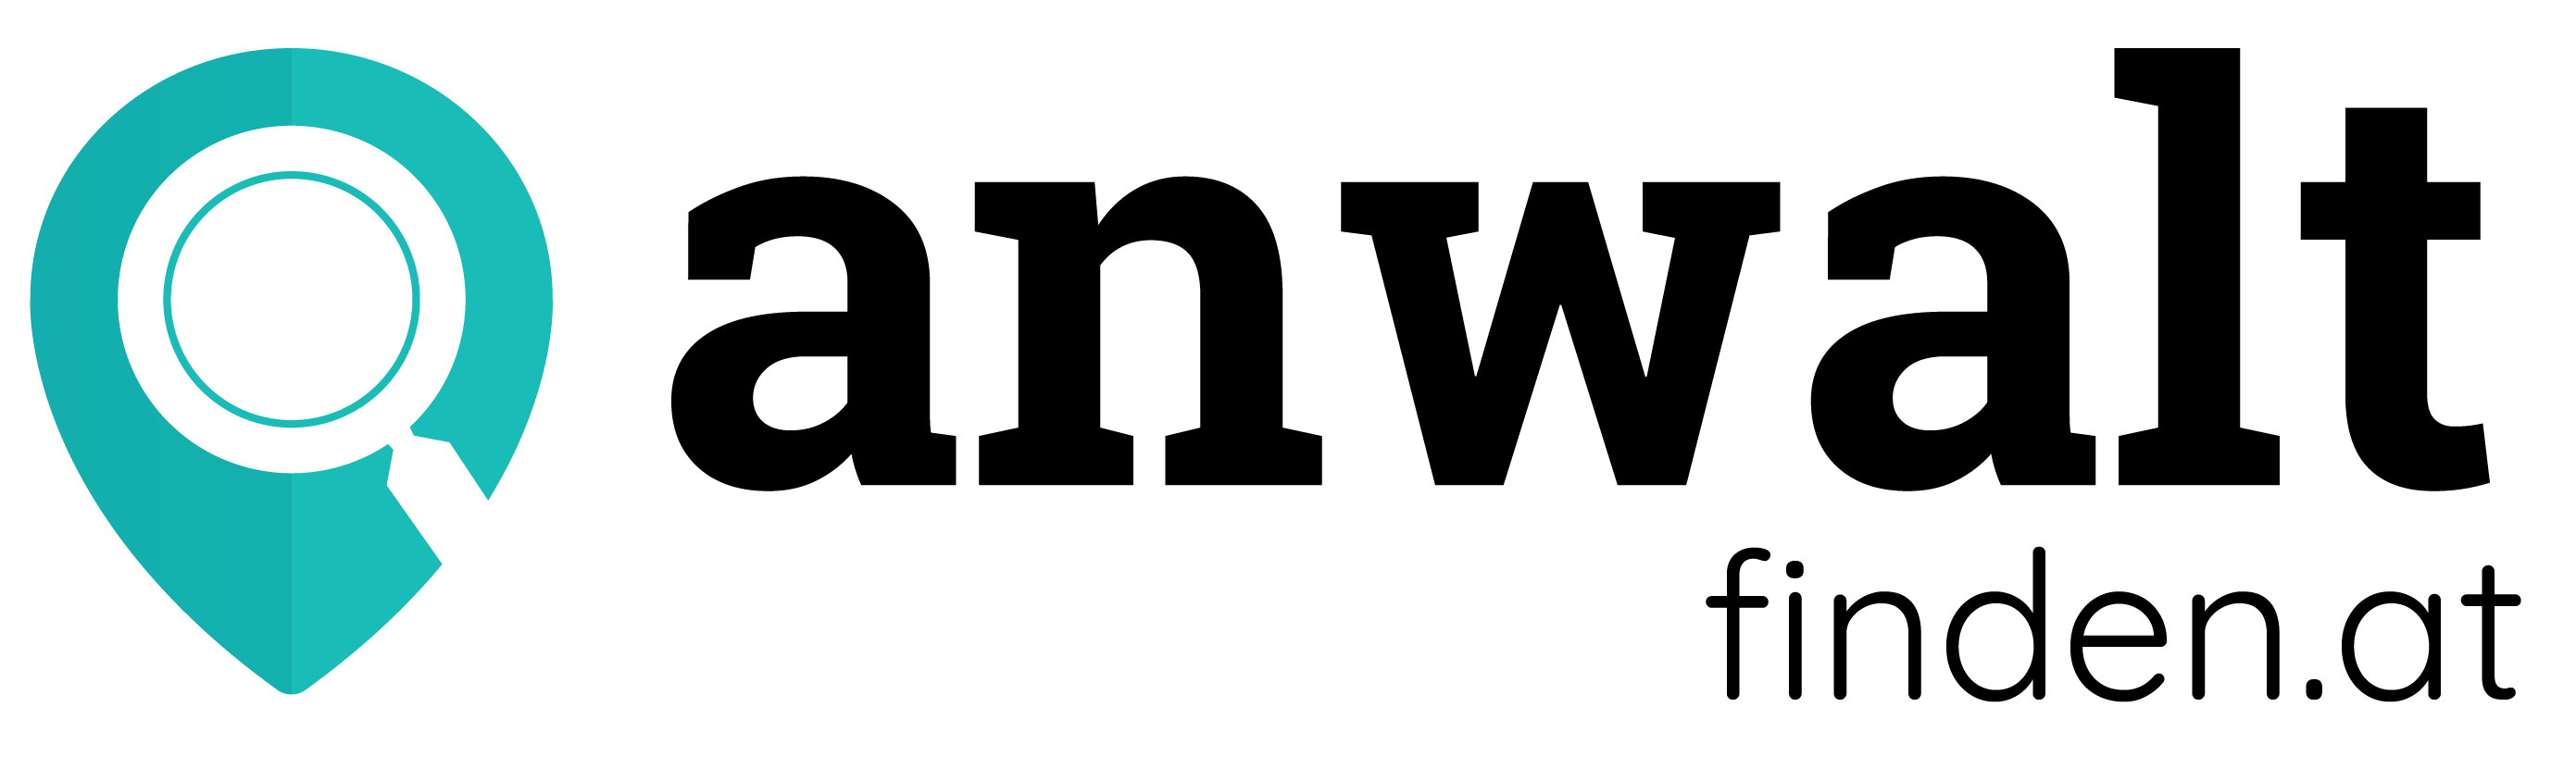 Anwaltfinden.at Logo-retina